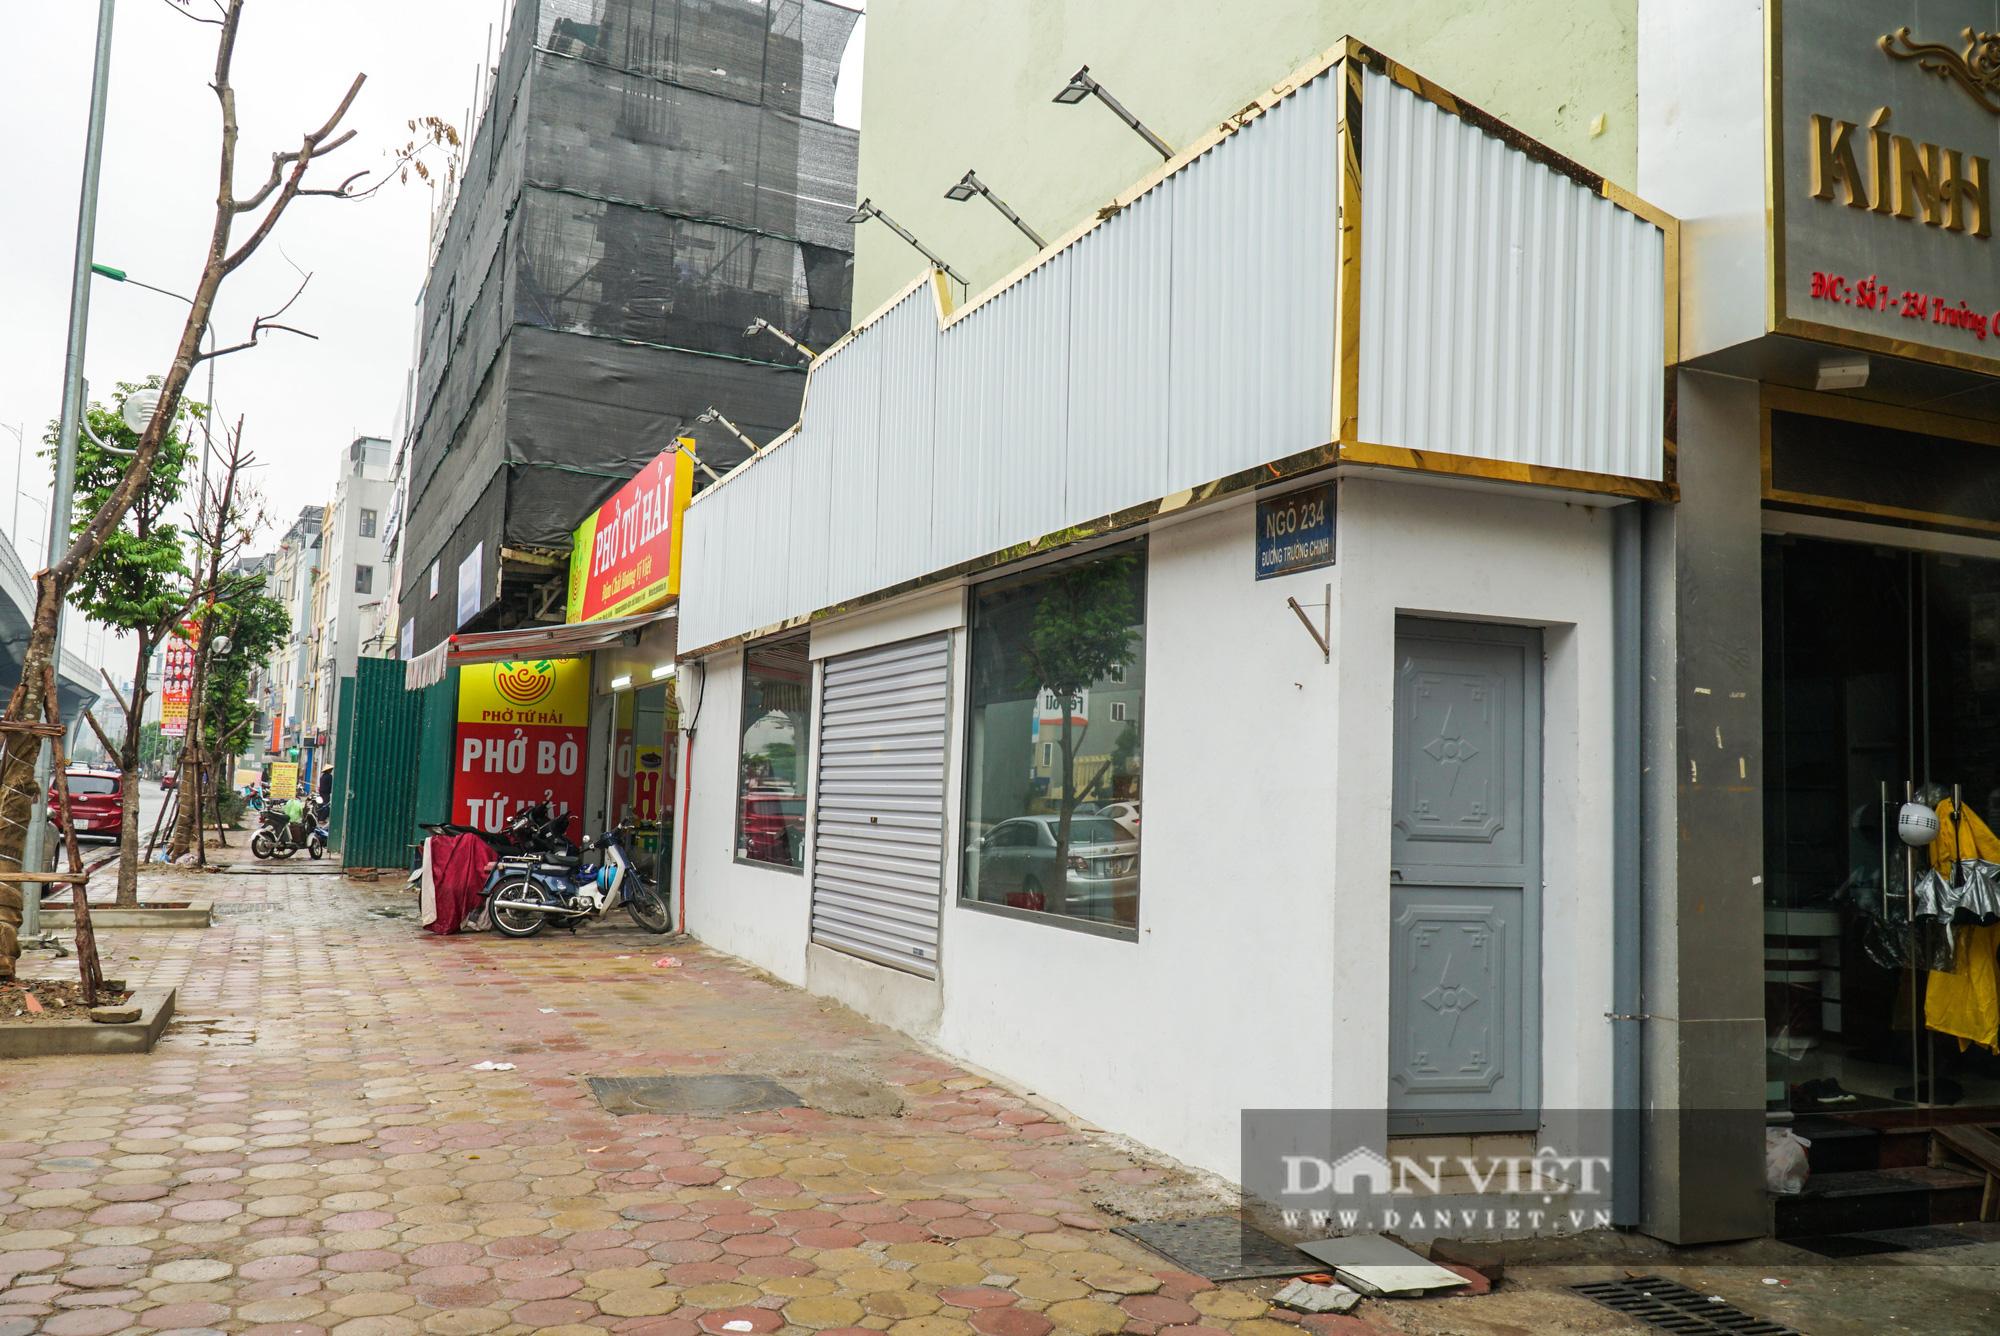 Kỳ lạ 2 ngôi nhà mặt đường siêu mỏng trên đường Trường Chinh - Ảnh 4.